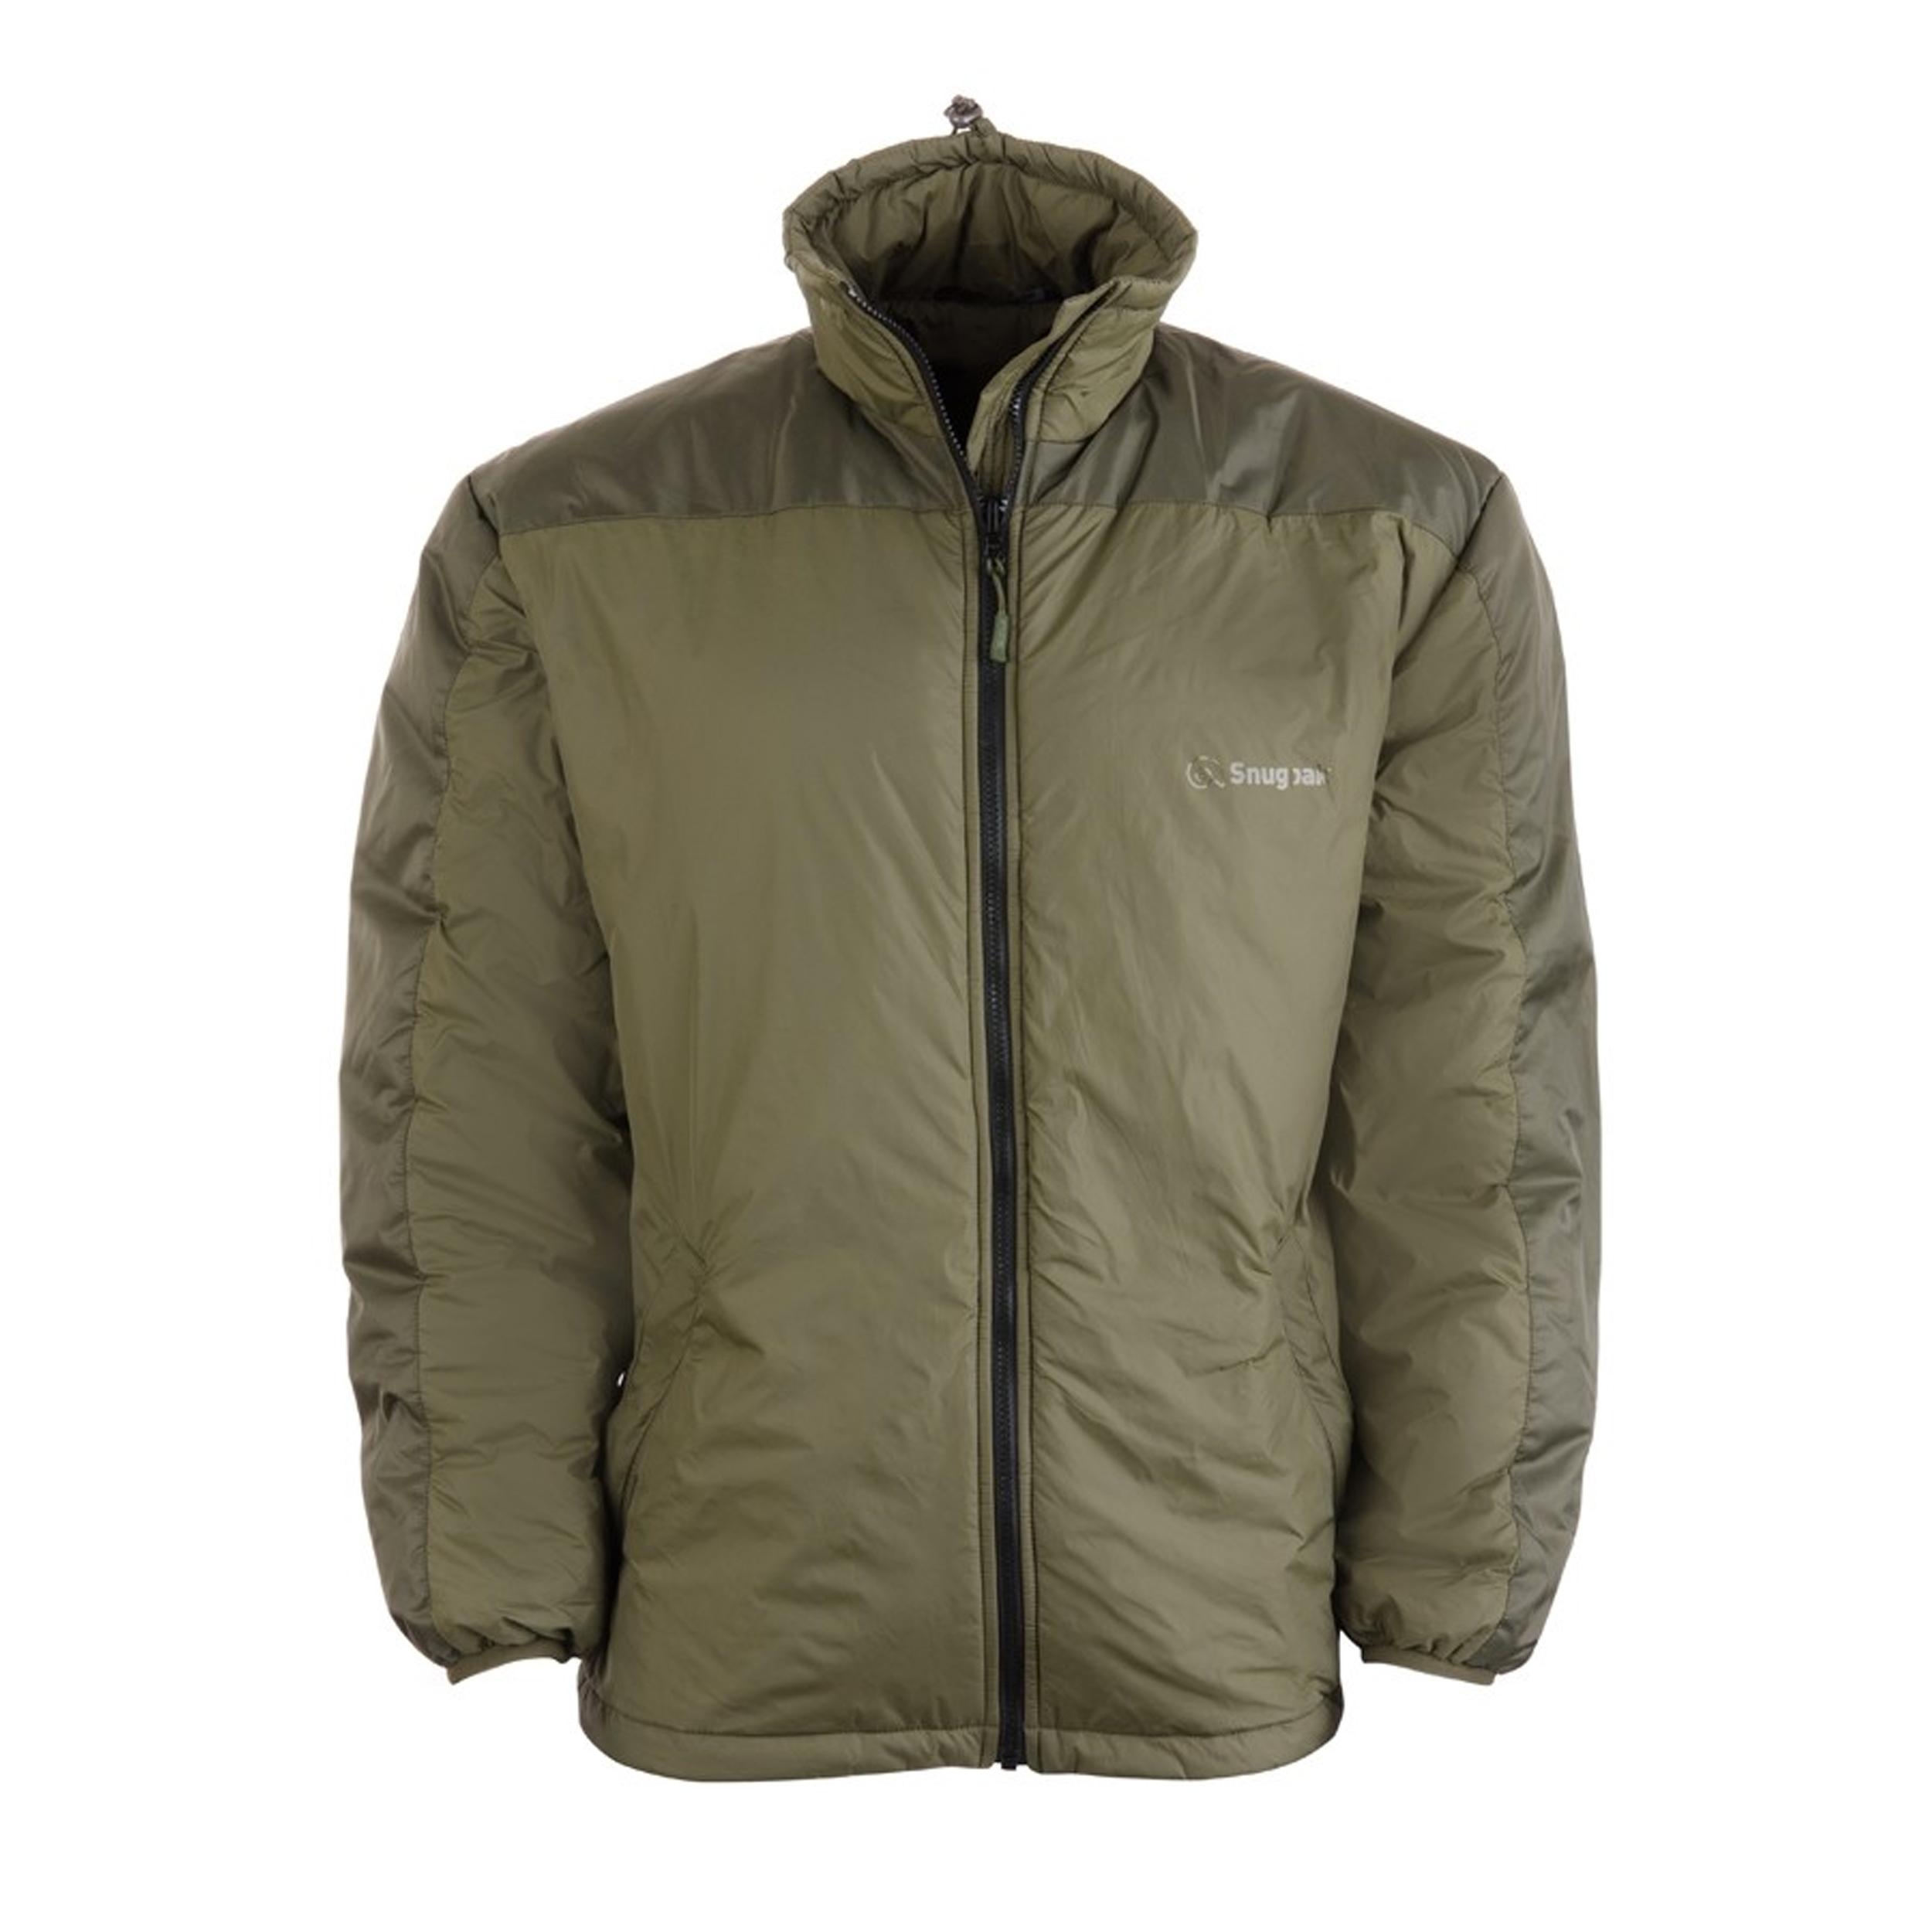 Snugpak Sleeka Elite Jacket Olive Small